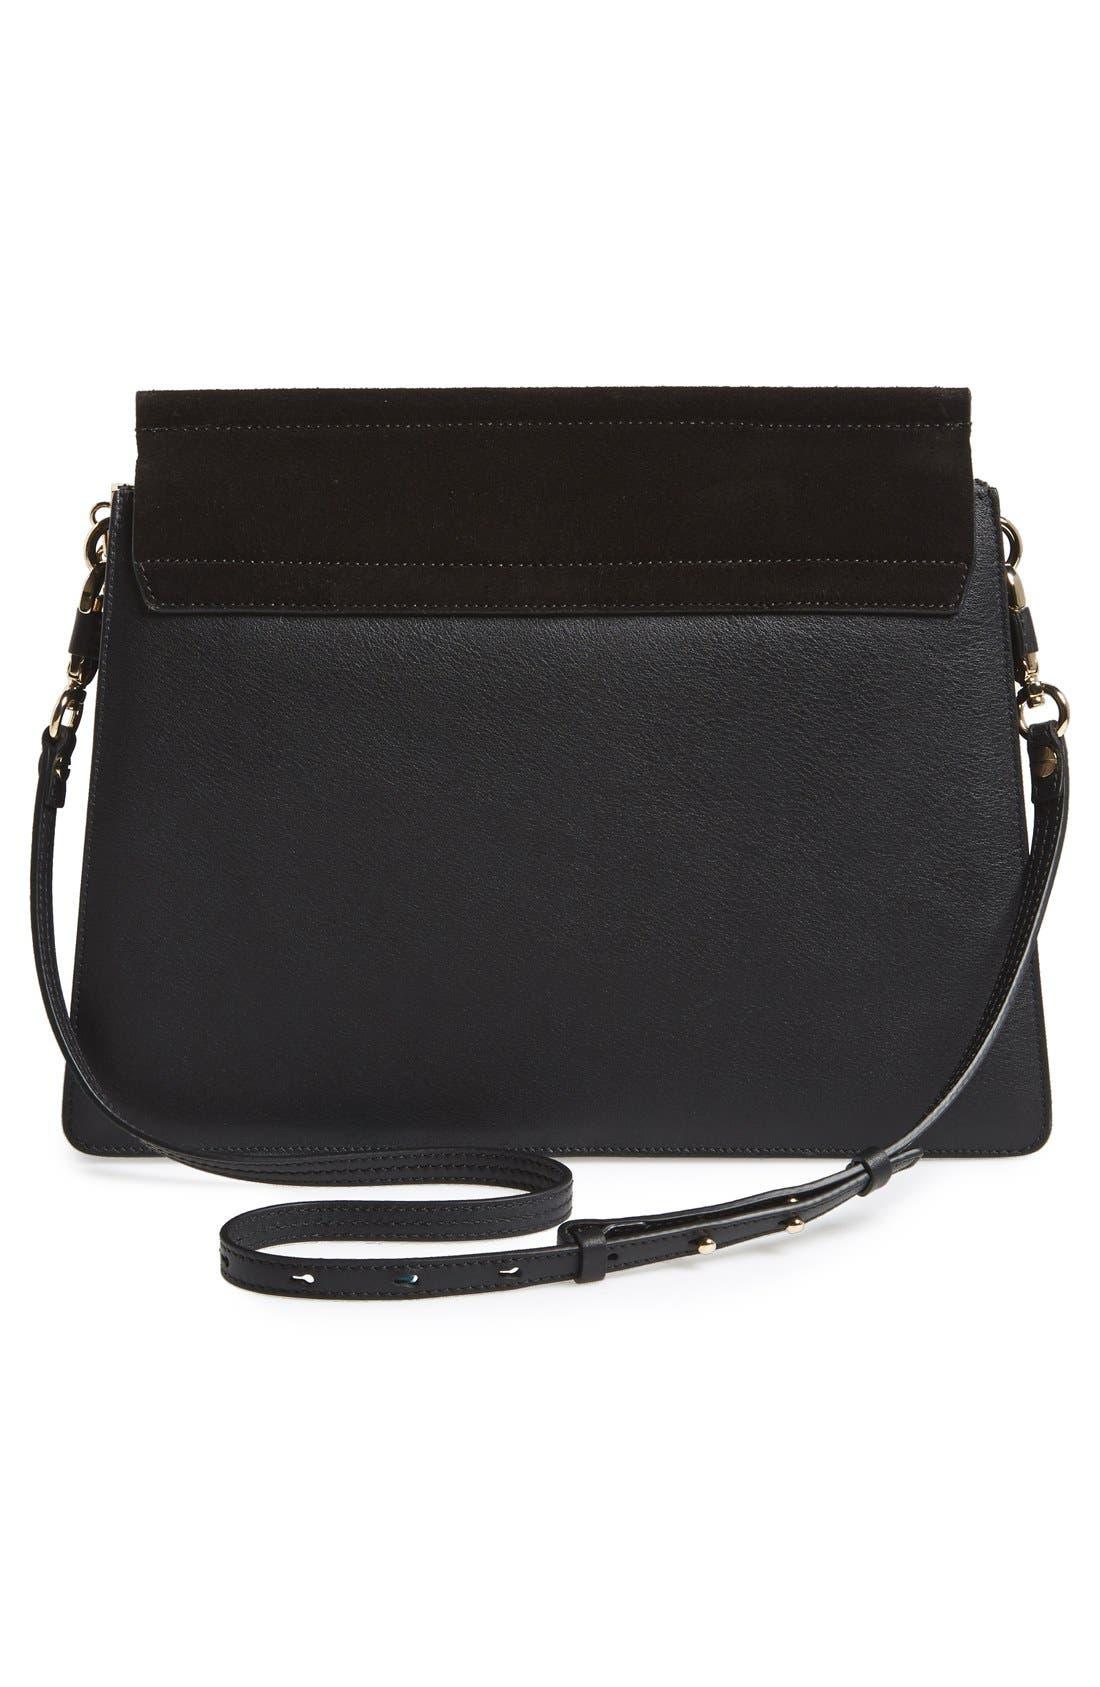 Alternate Image 3  - Chloé 'Faye' Leather & Suede Shoulder Bag